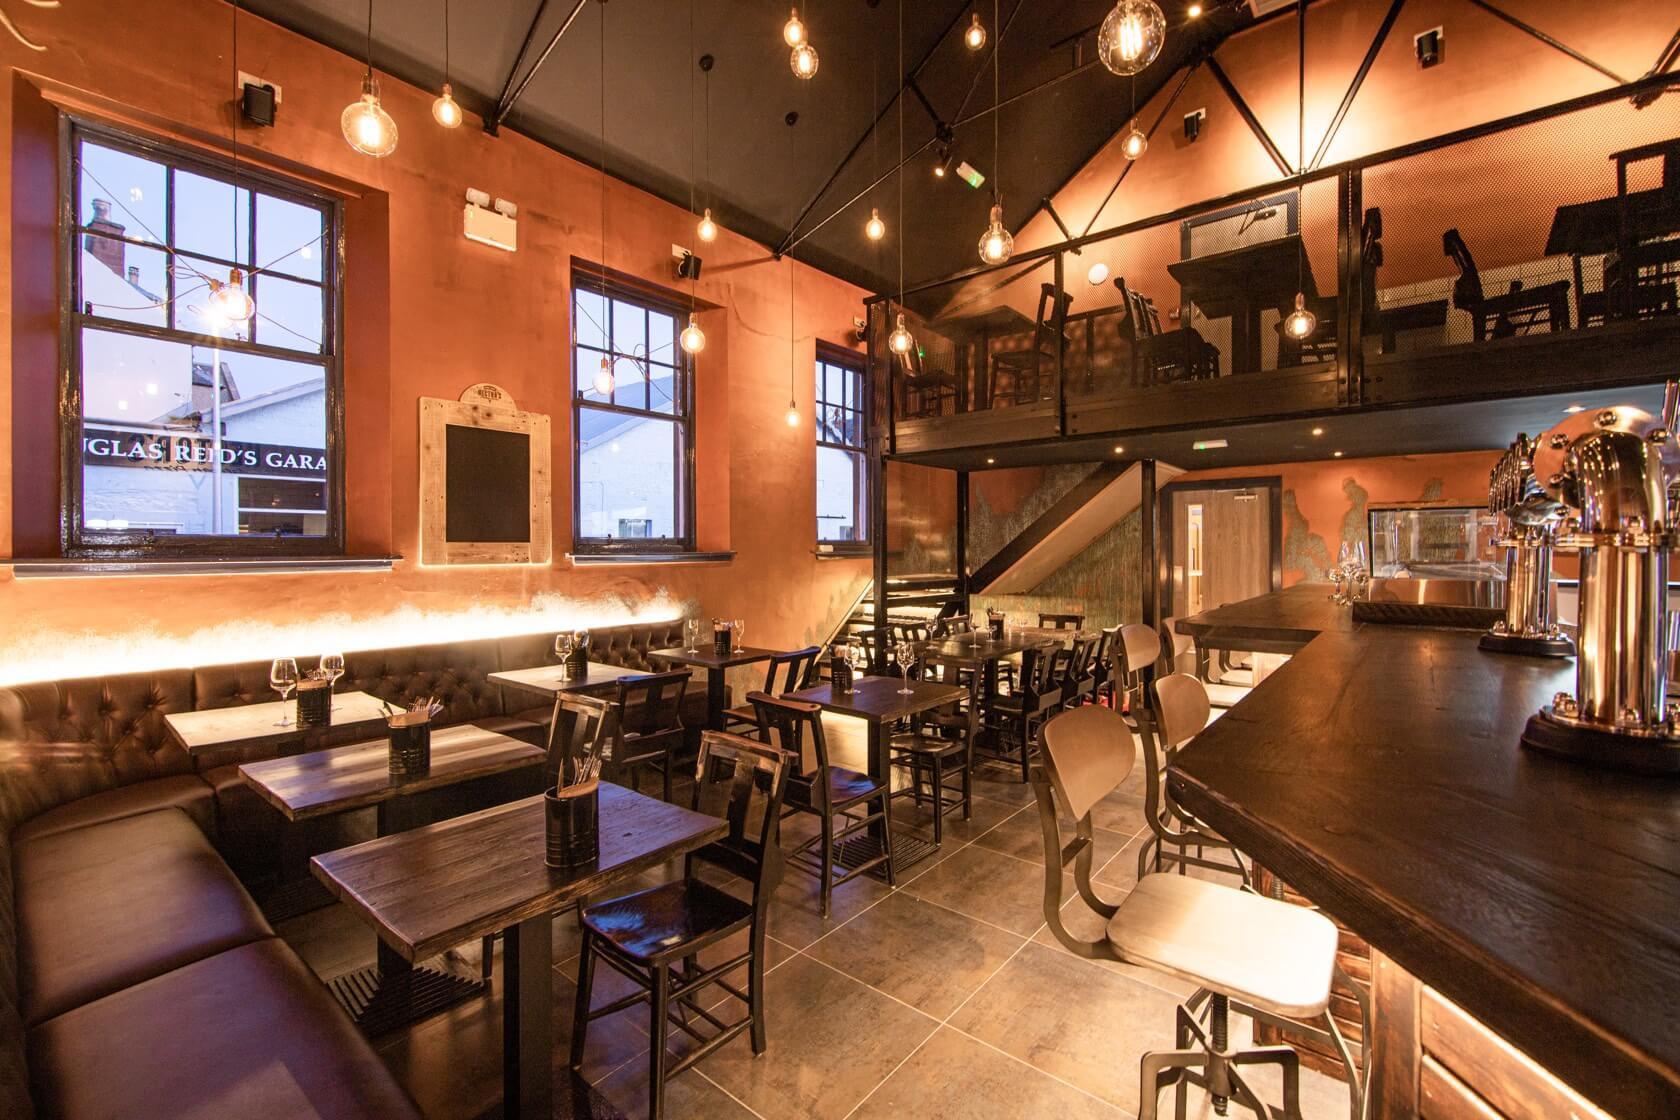 Hector's Artisan Pizza, Dunbar 06 - C&G Development